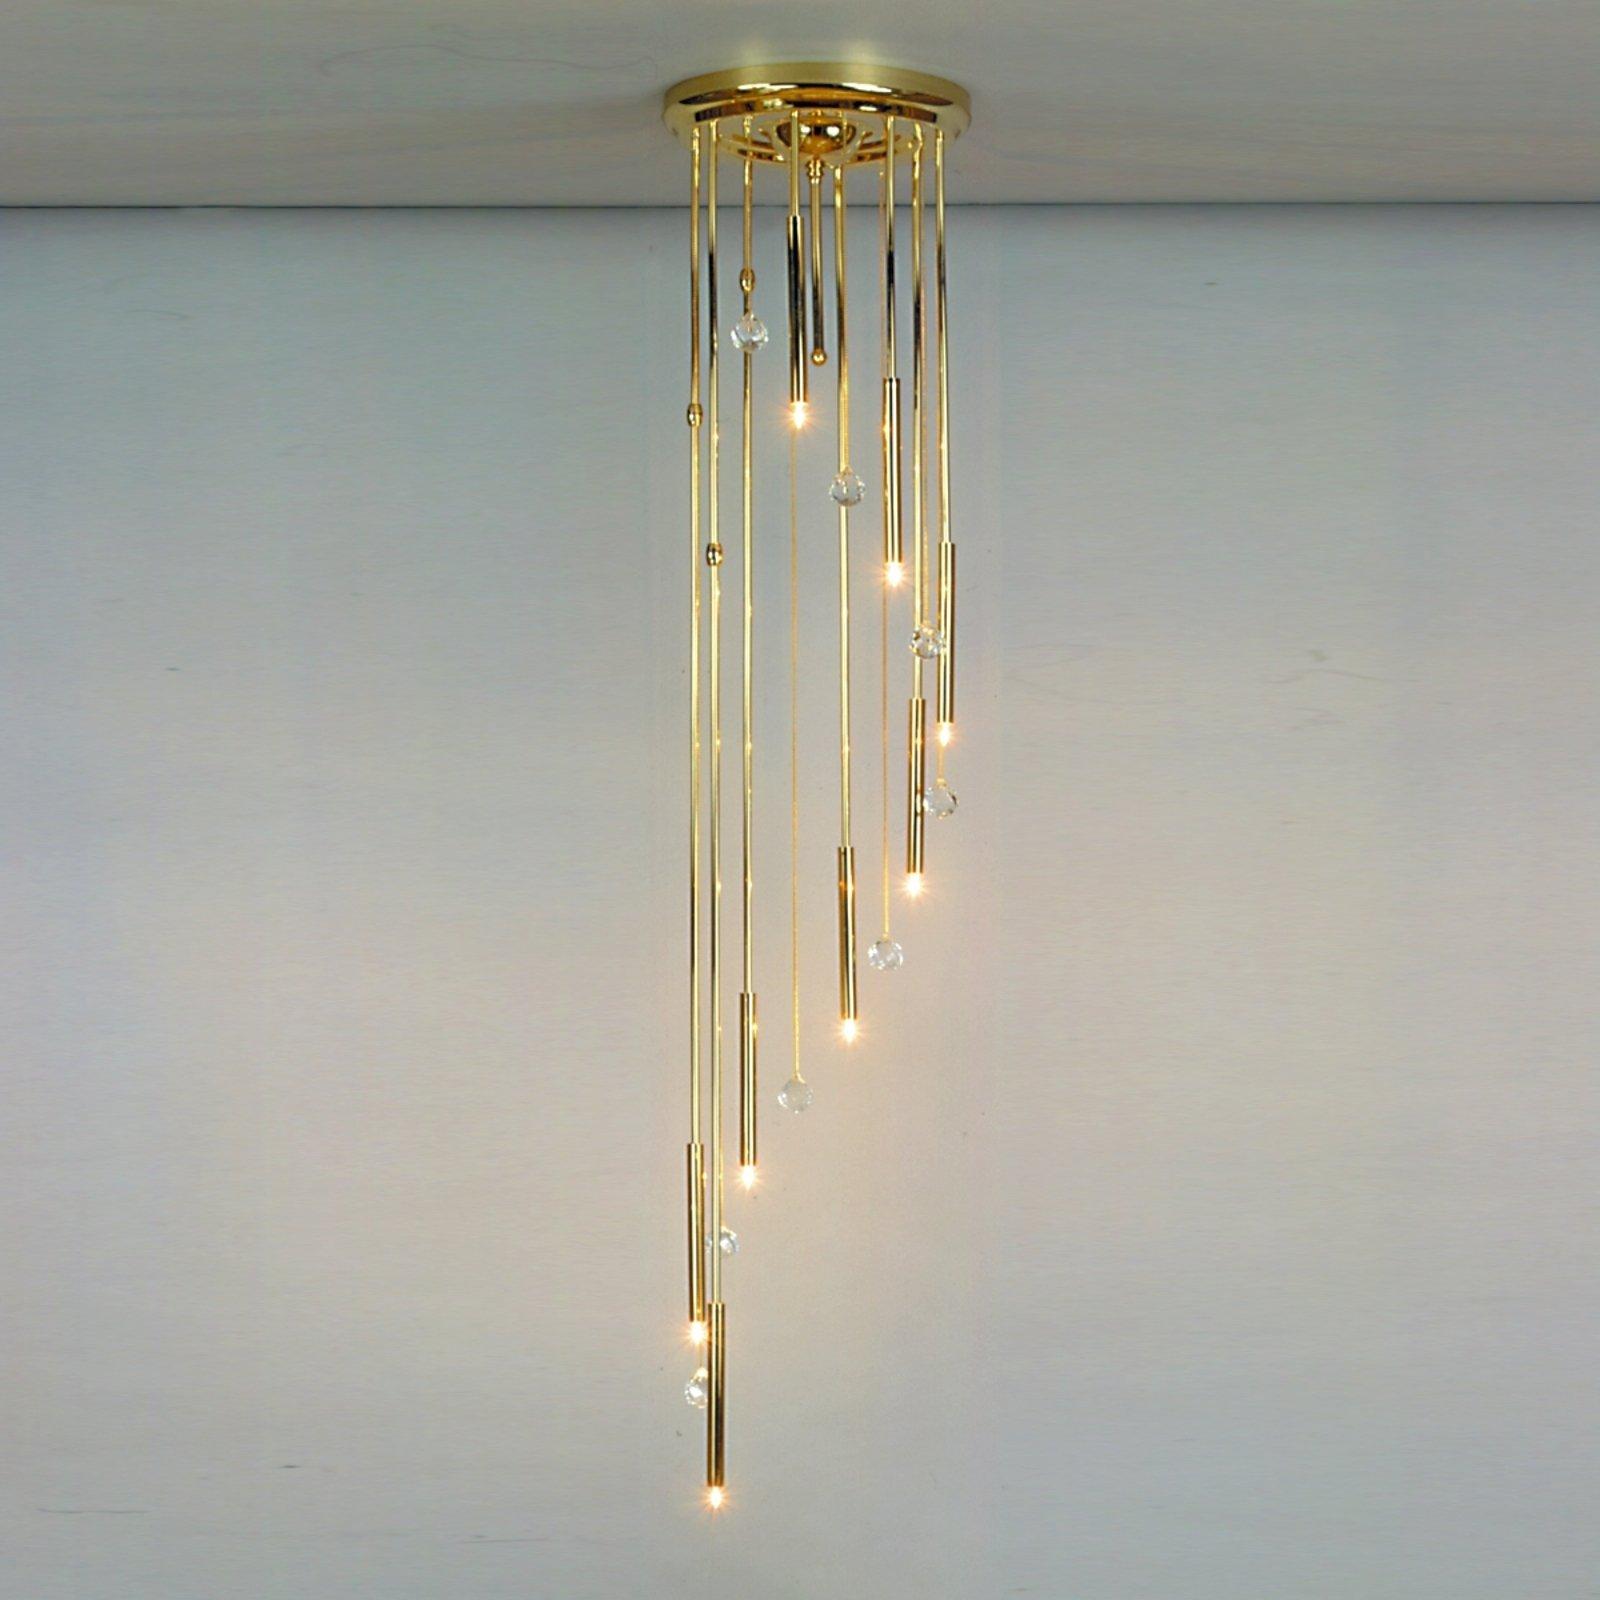 SPIRALE taklampe i gull med åtte lys